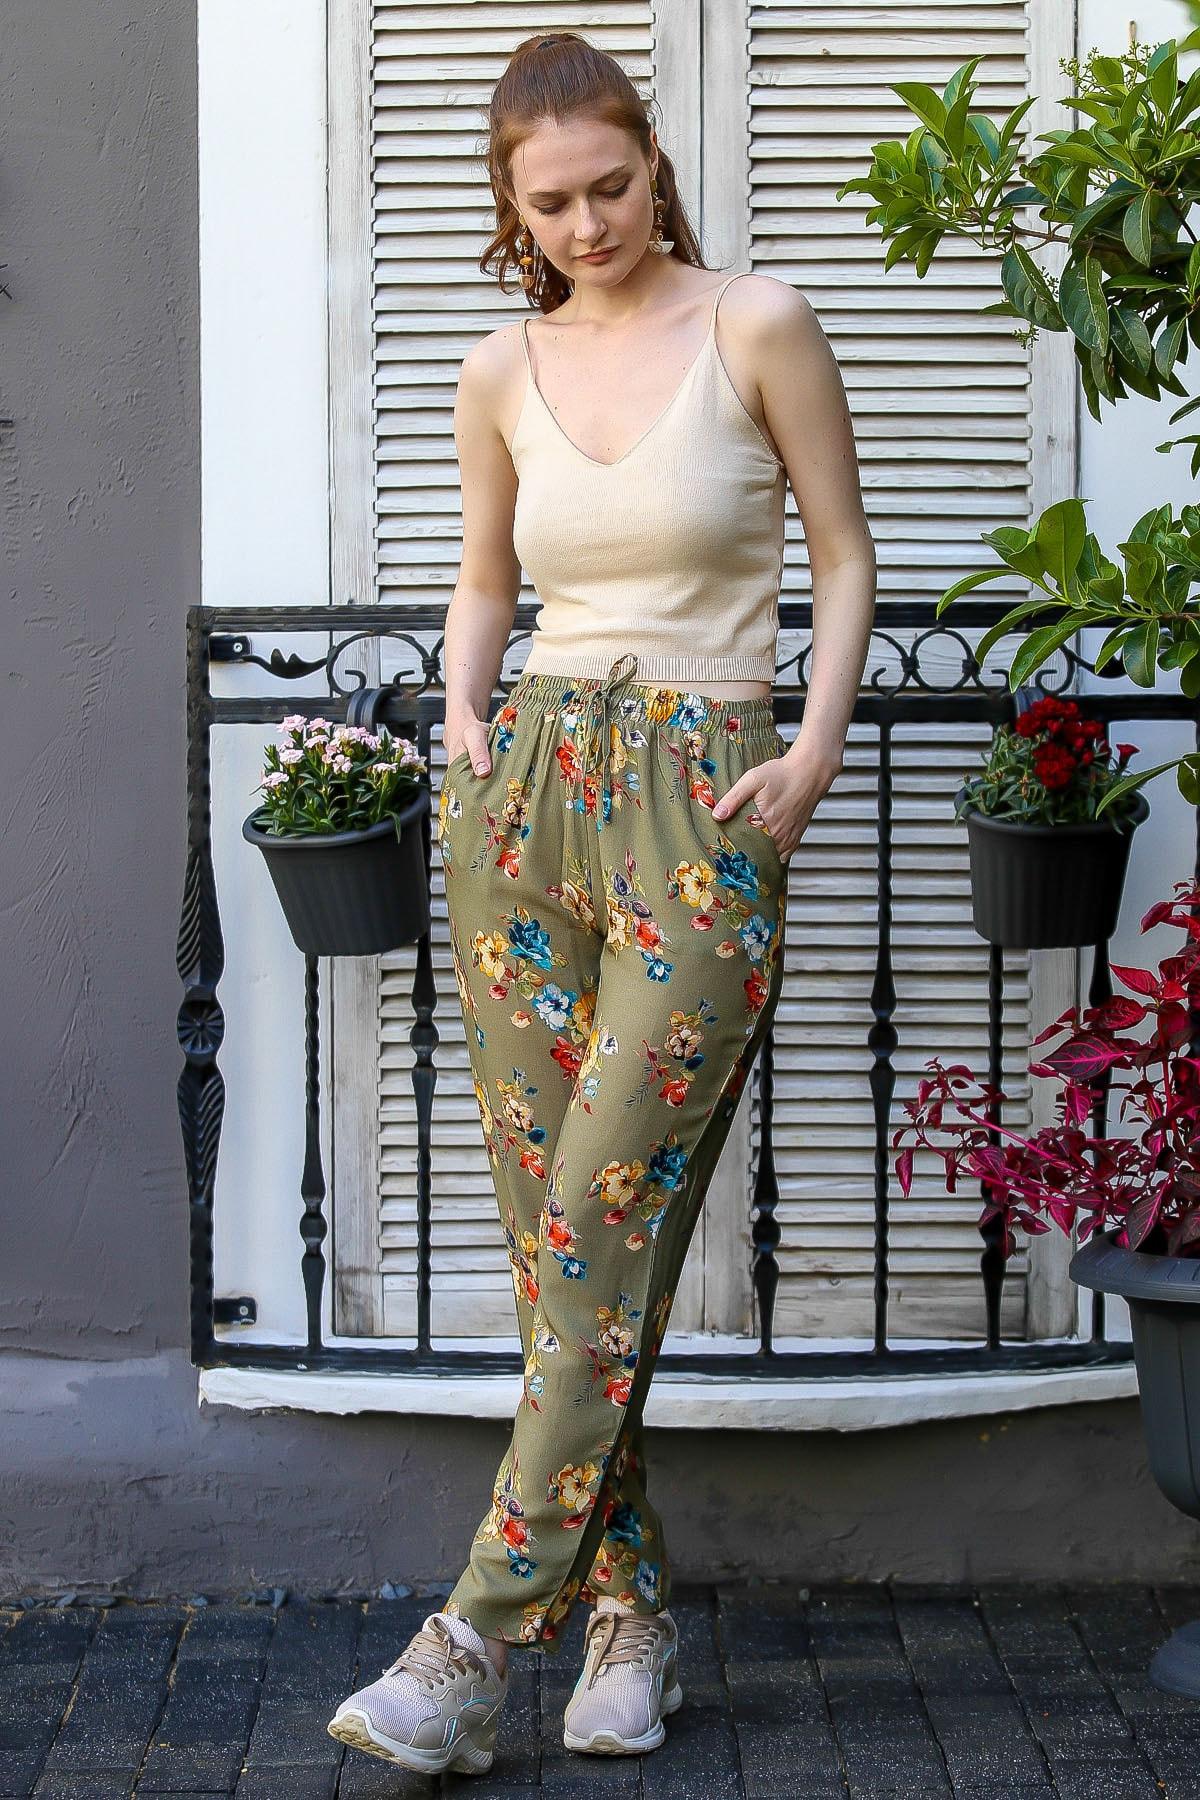 Chiccy Kadın Haki Floral Desenli Beli Bağlama Detaylı Dokuma Pantolon M10060000Pn98774